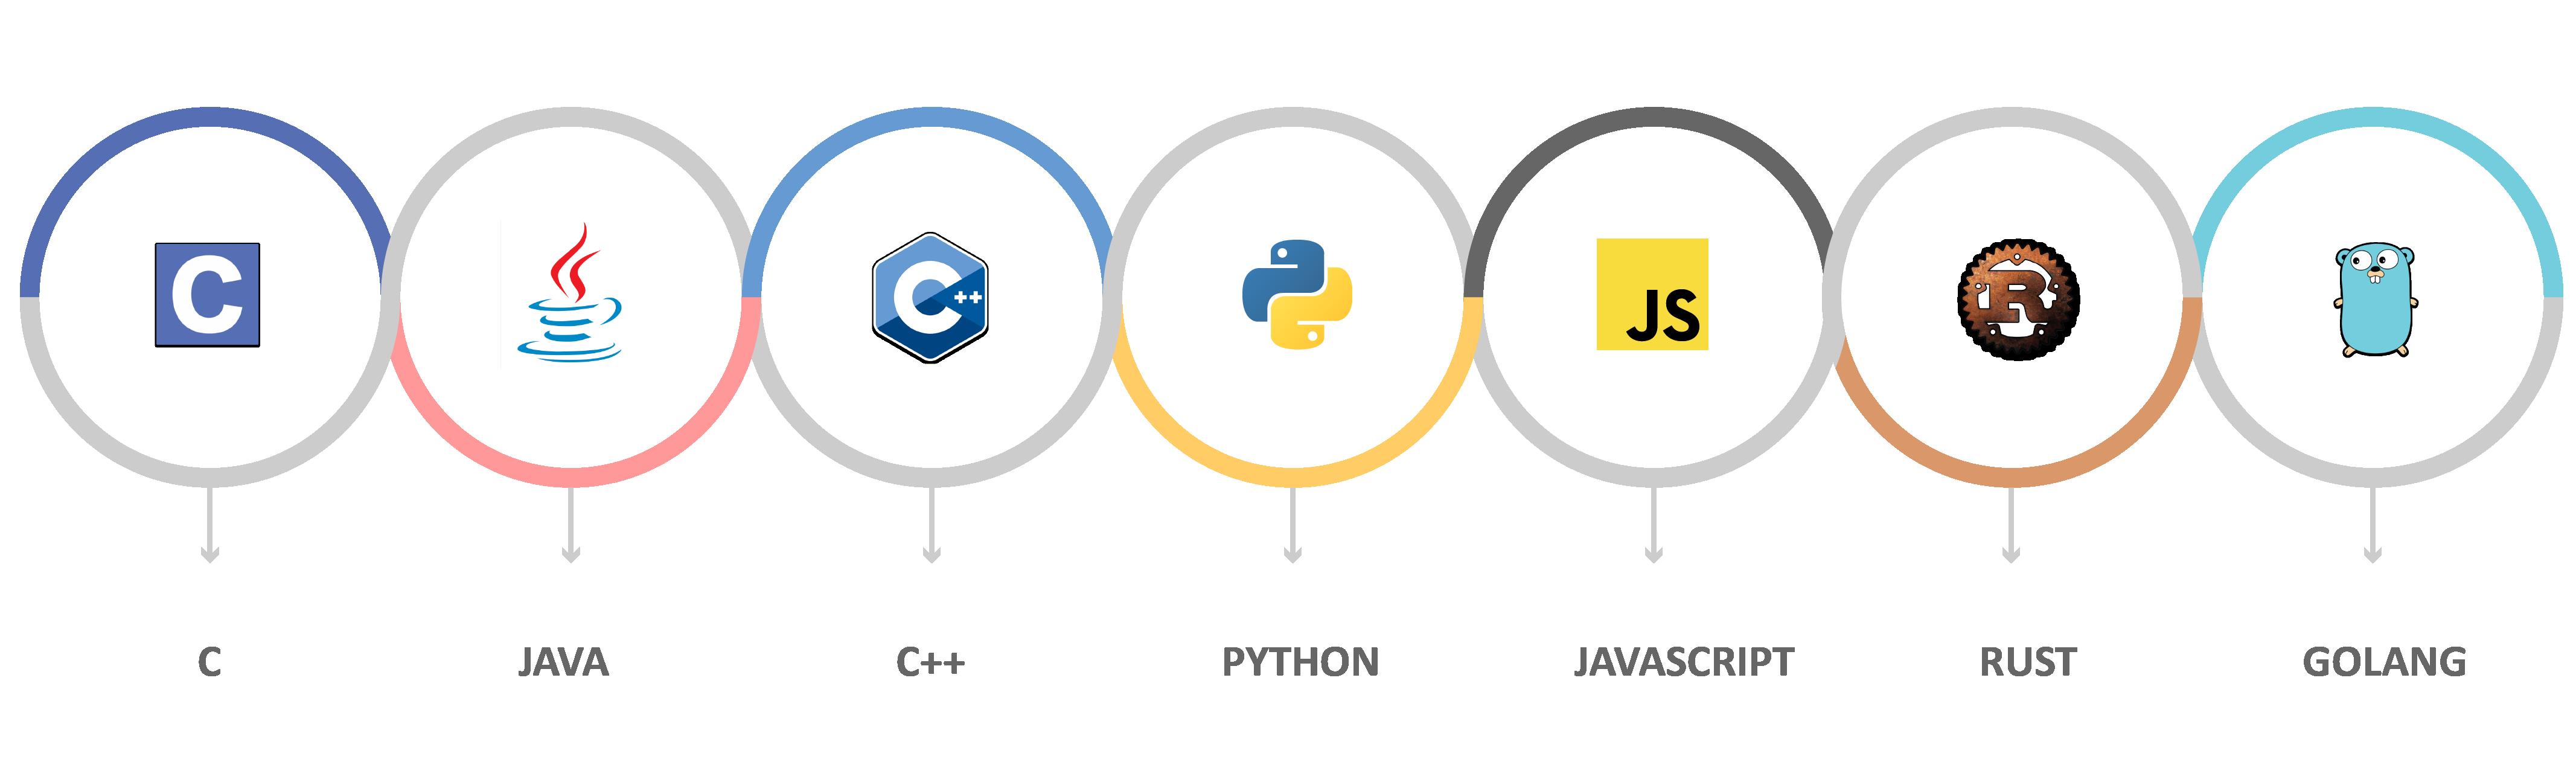 IoT Programming Languages